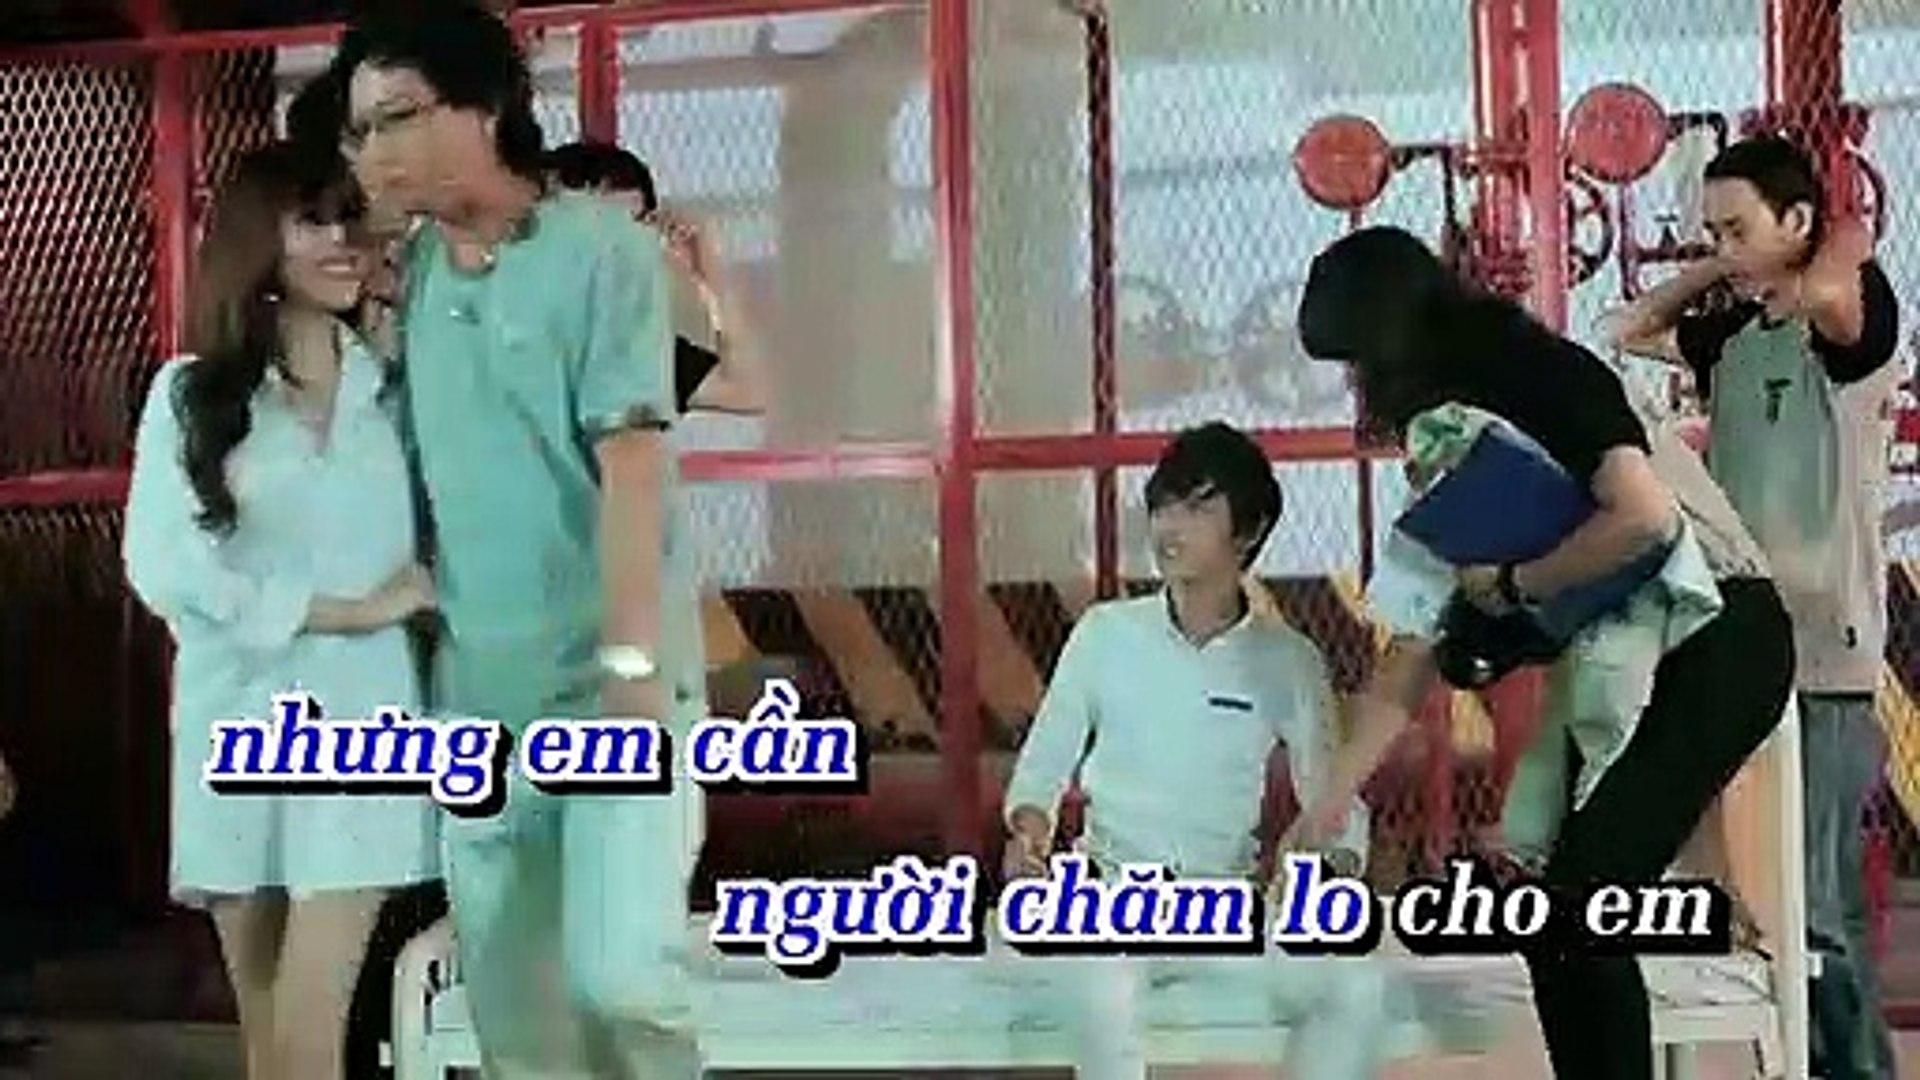 [Karaoke] Yêu Em Nhưng Không Với Tới - Bùi Vĩnh Phúc [Beat]